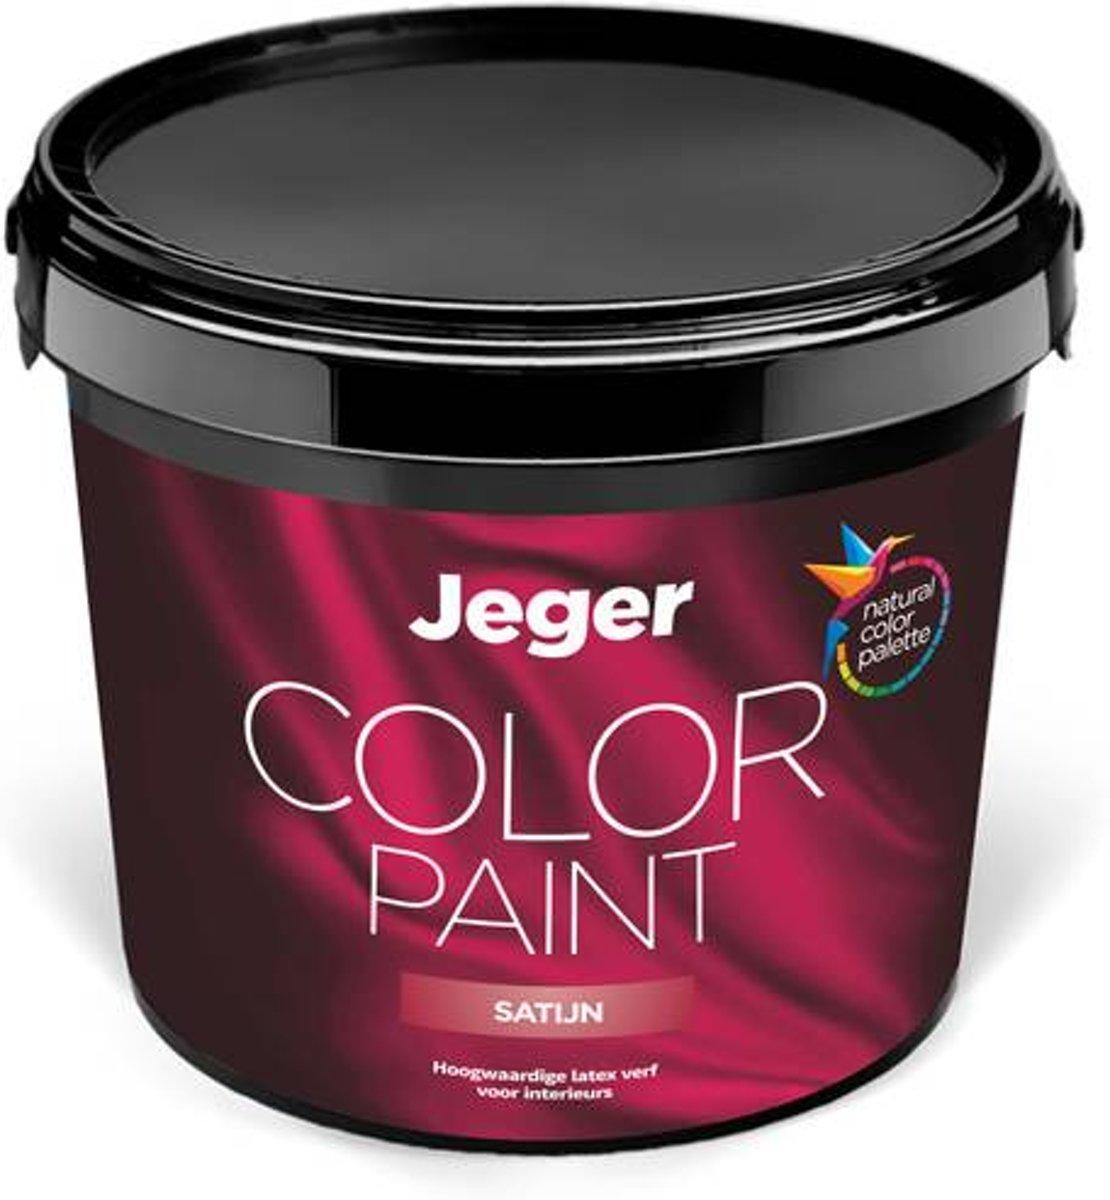 Jeger muurverf Satijn voor binnen   5 liter   Kleur Smaragdgroen (RAL 6001) Smaragdgroen - 5L